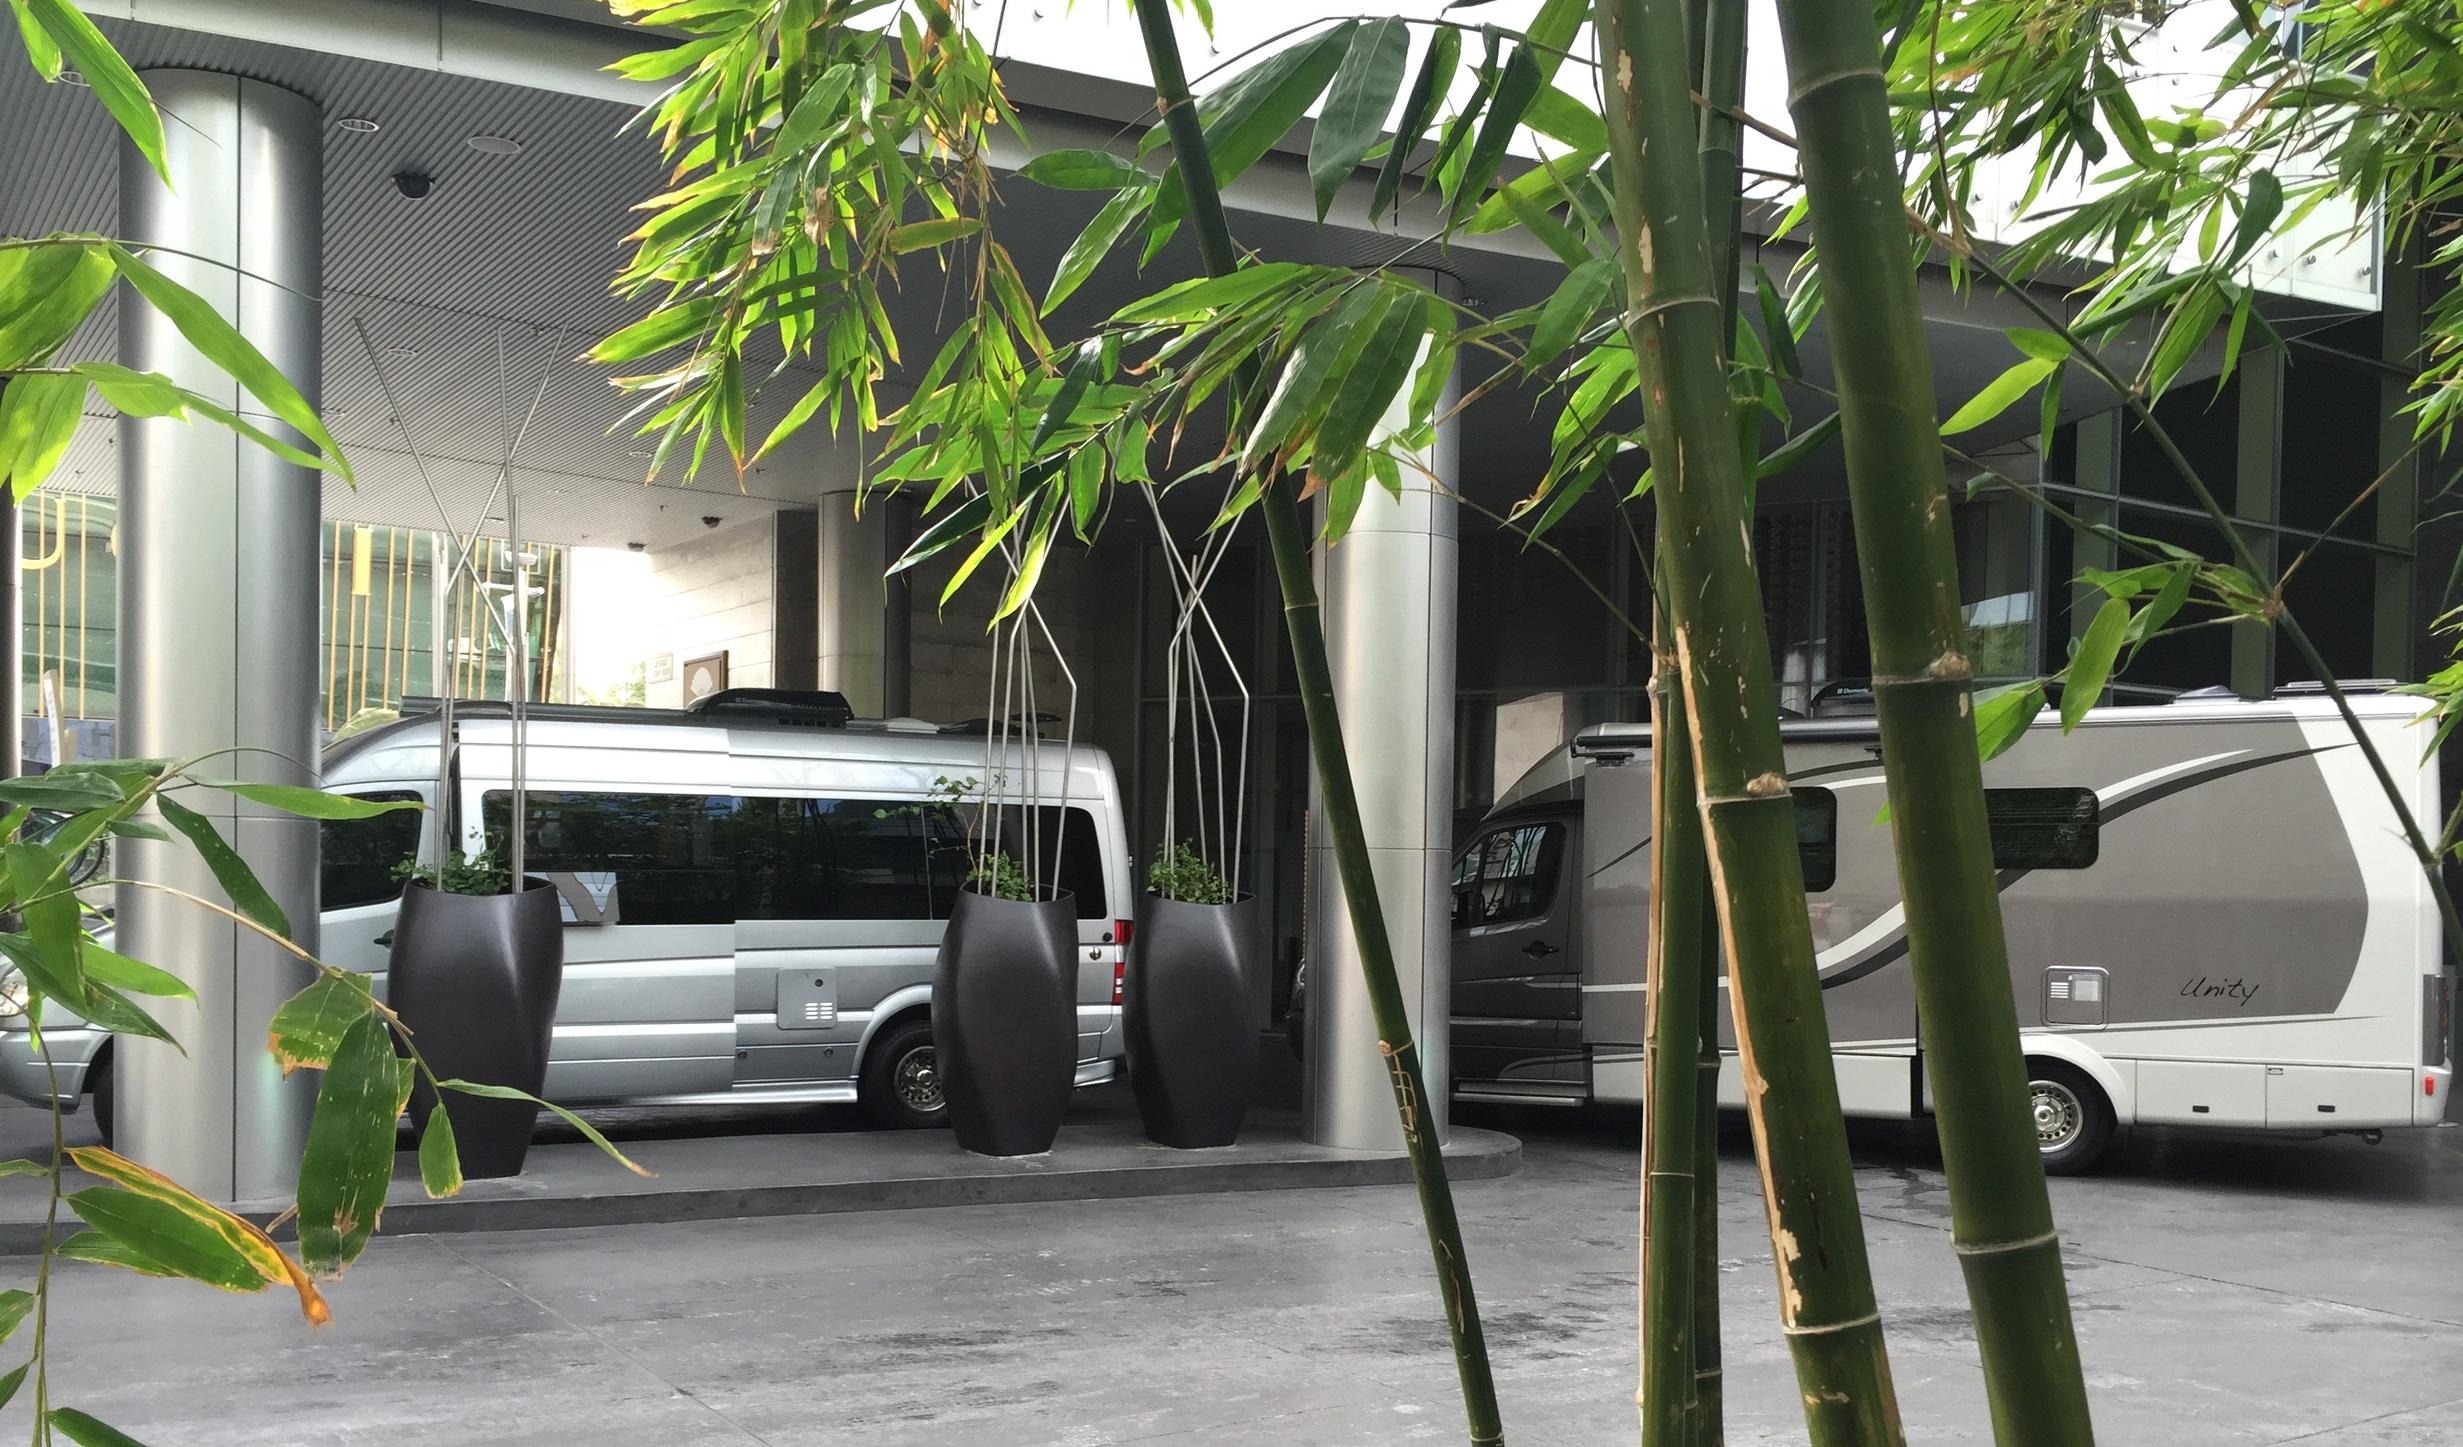 BlissRV rigs being delivered in Mandarin Oriental Las Vegas' zen setting